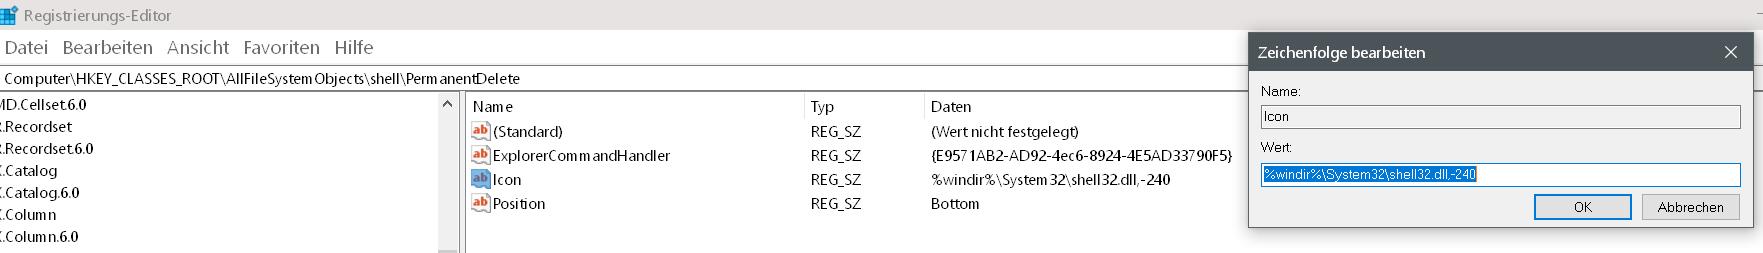 wert icon eingetragen - Windows 10 Dateien endgültig löschen